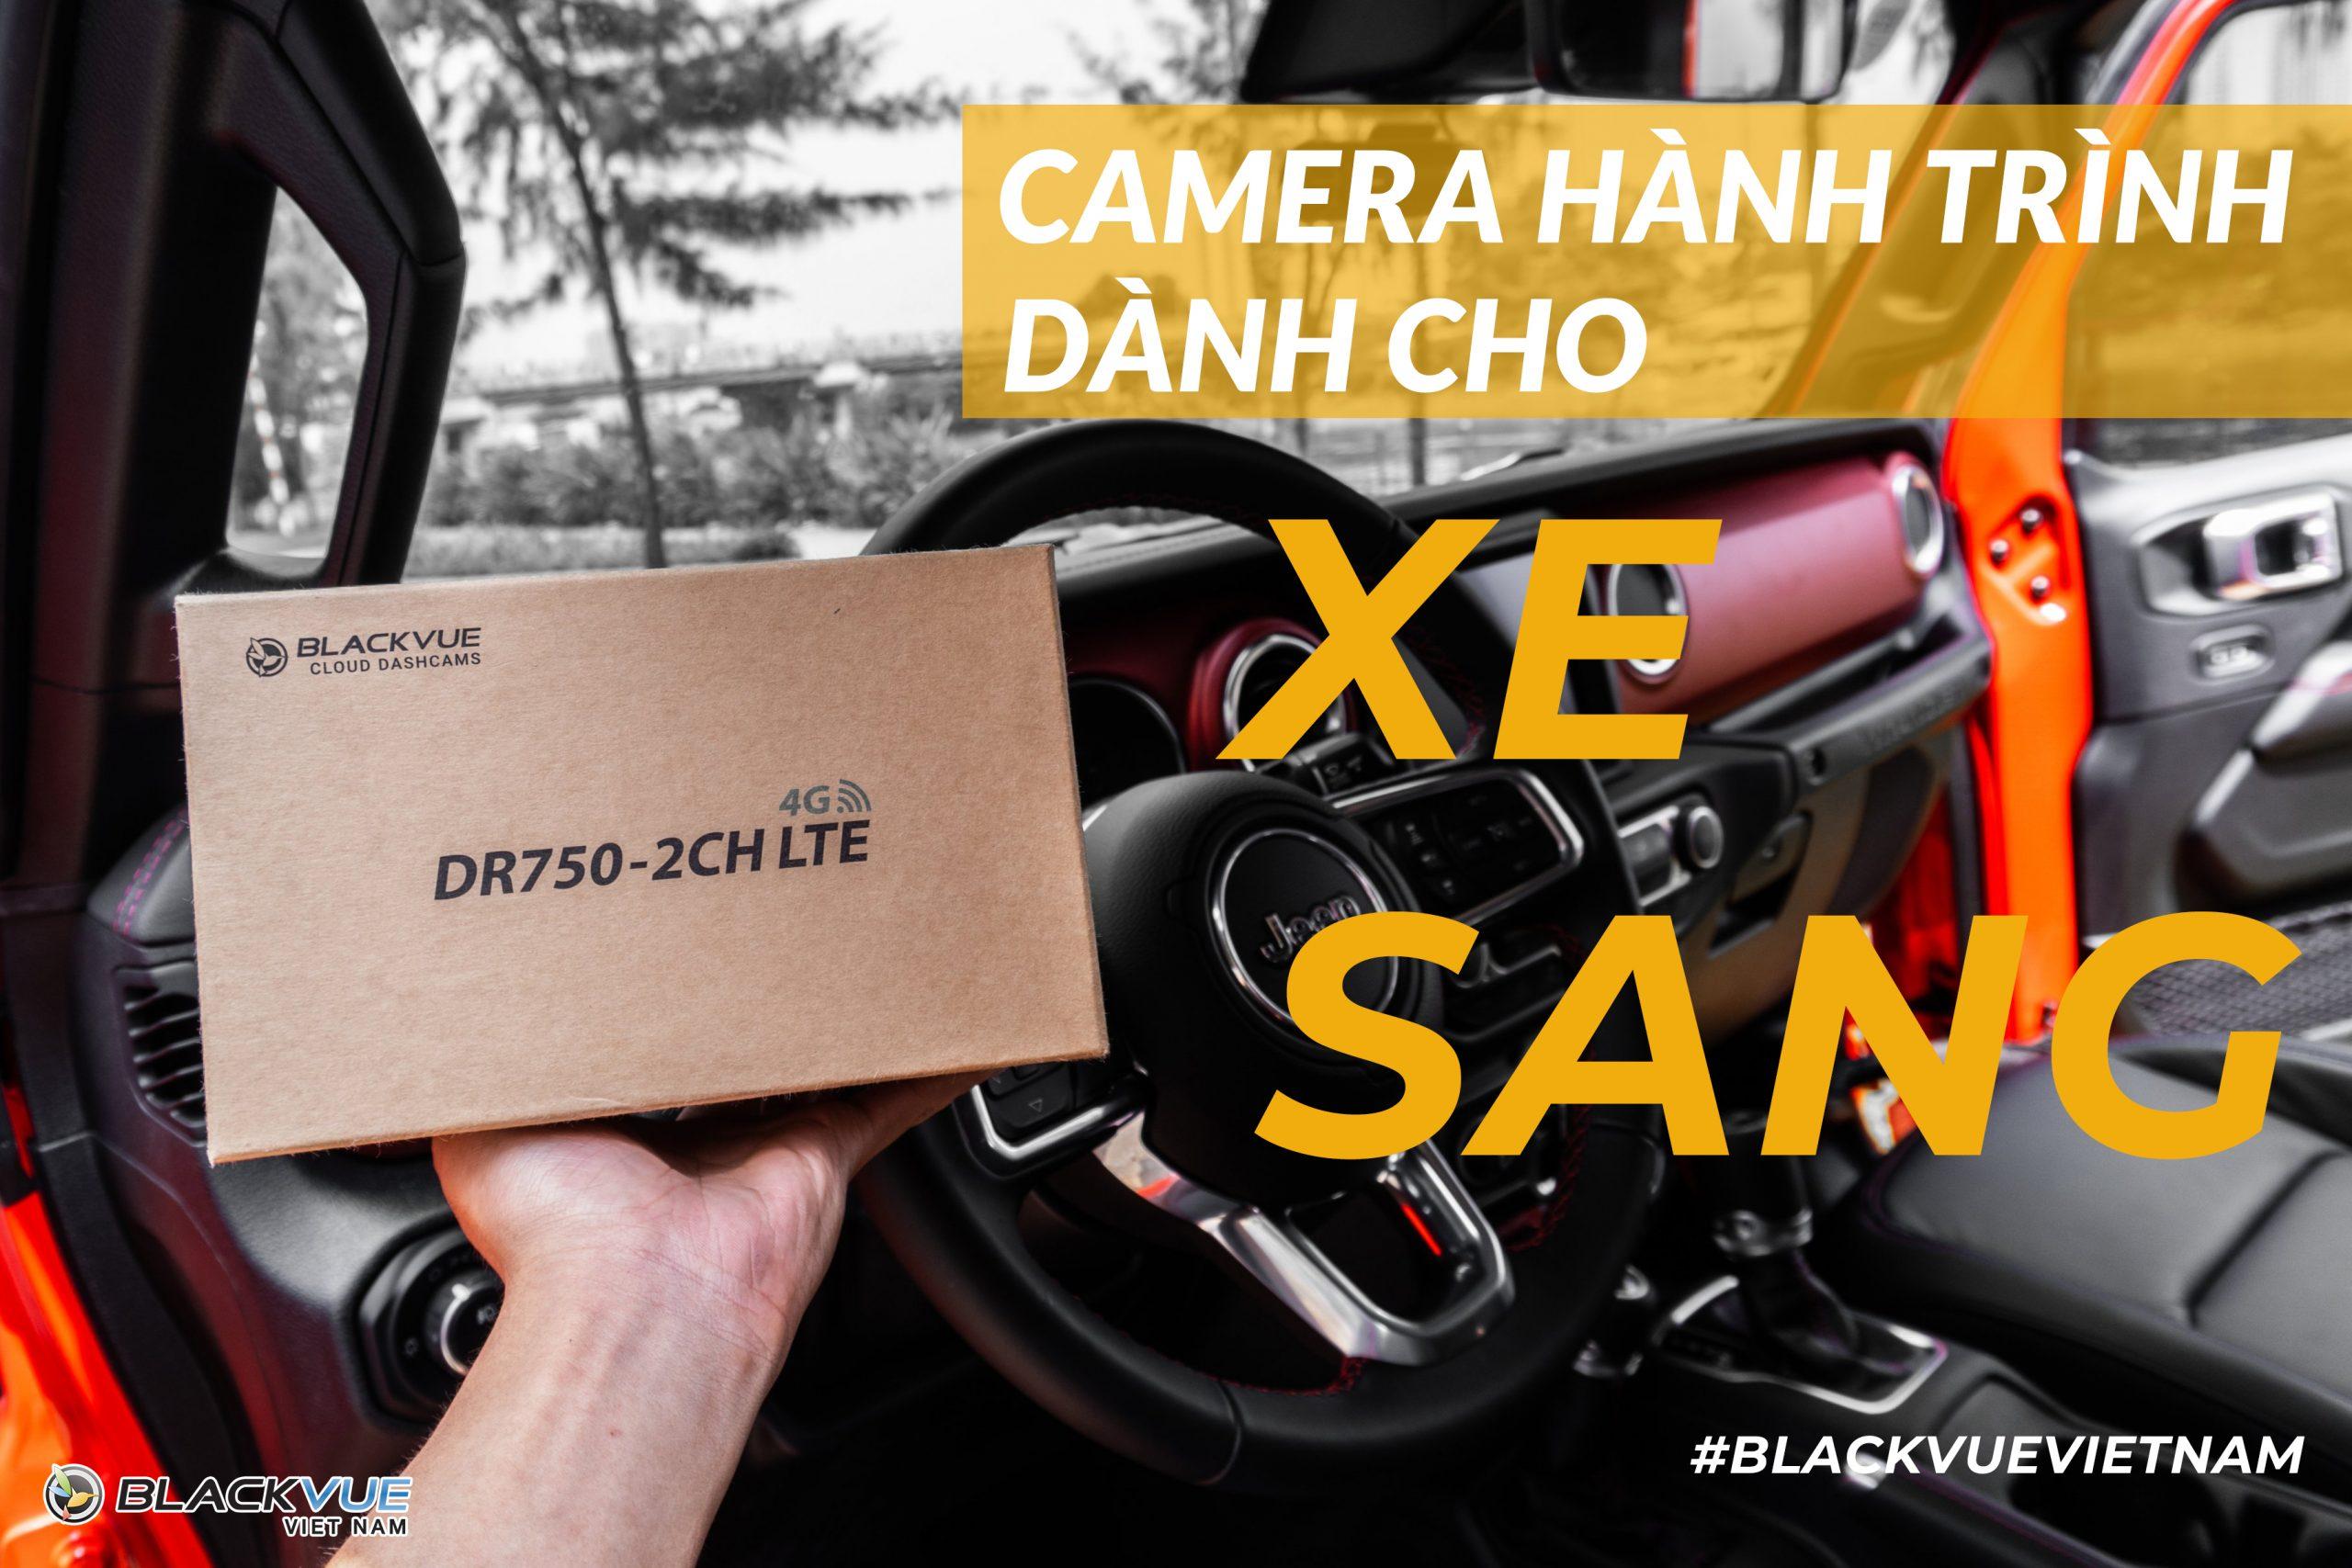 Camera hành trình ô tô cao cấp